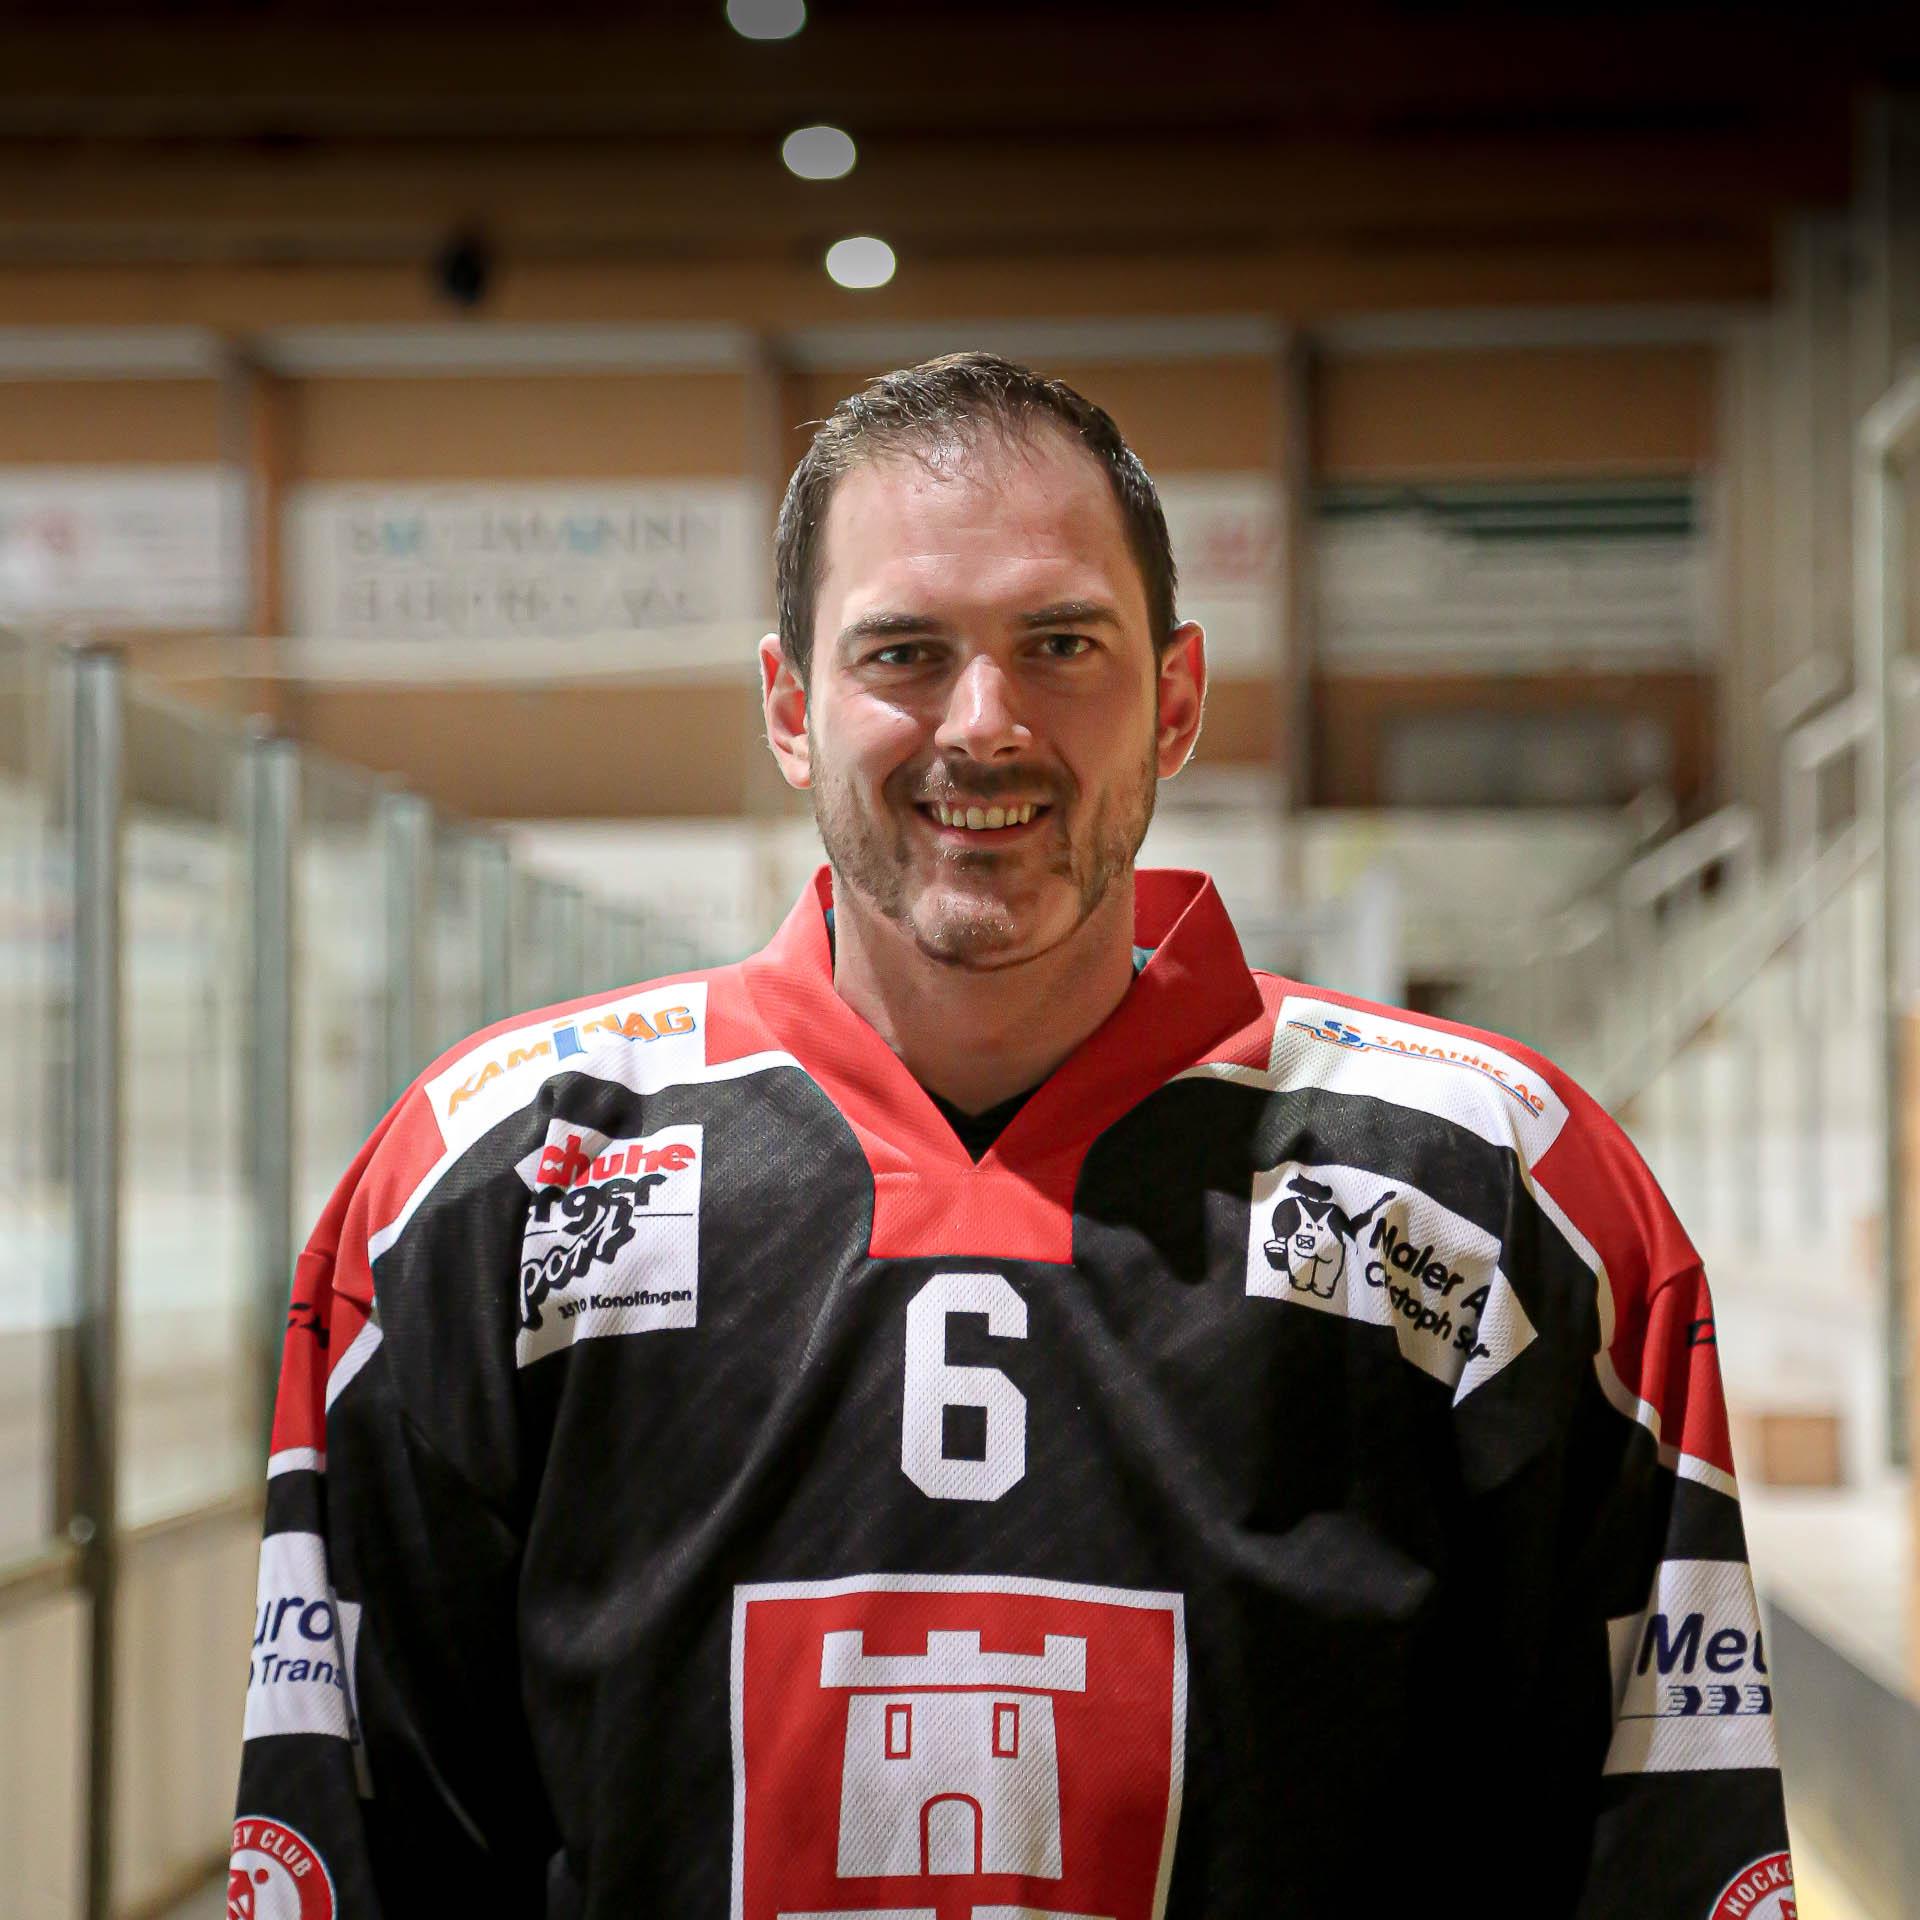 Michel Zeiter